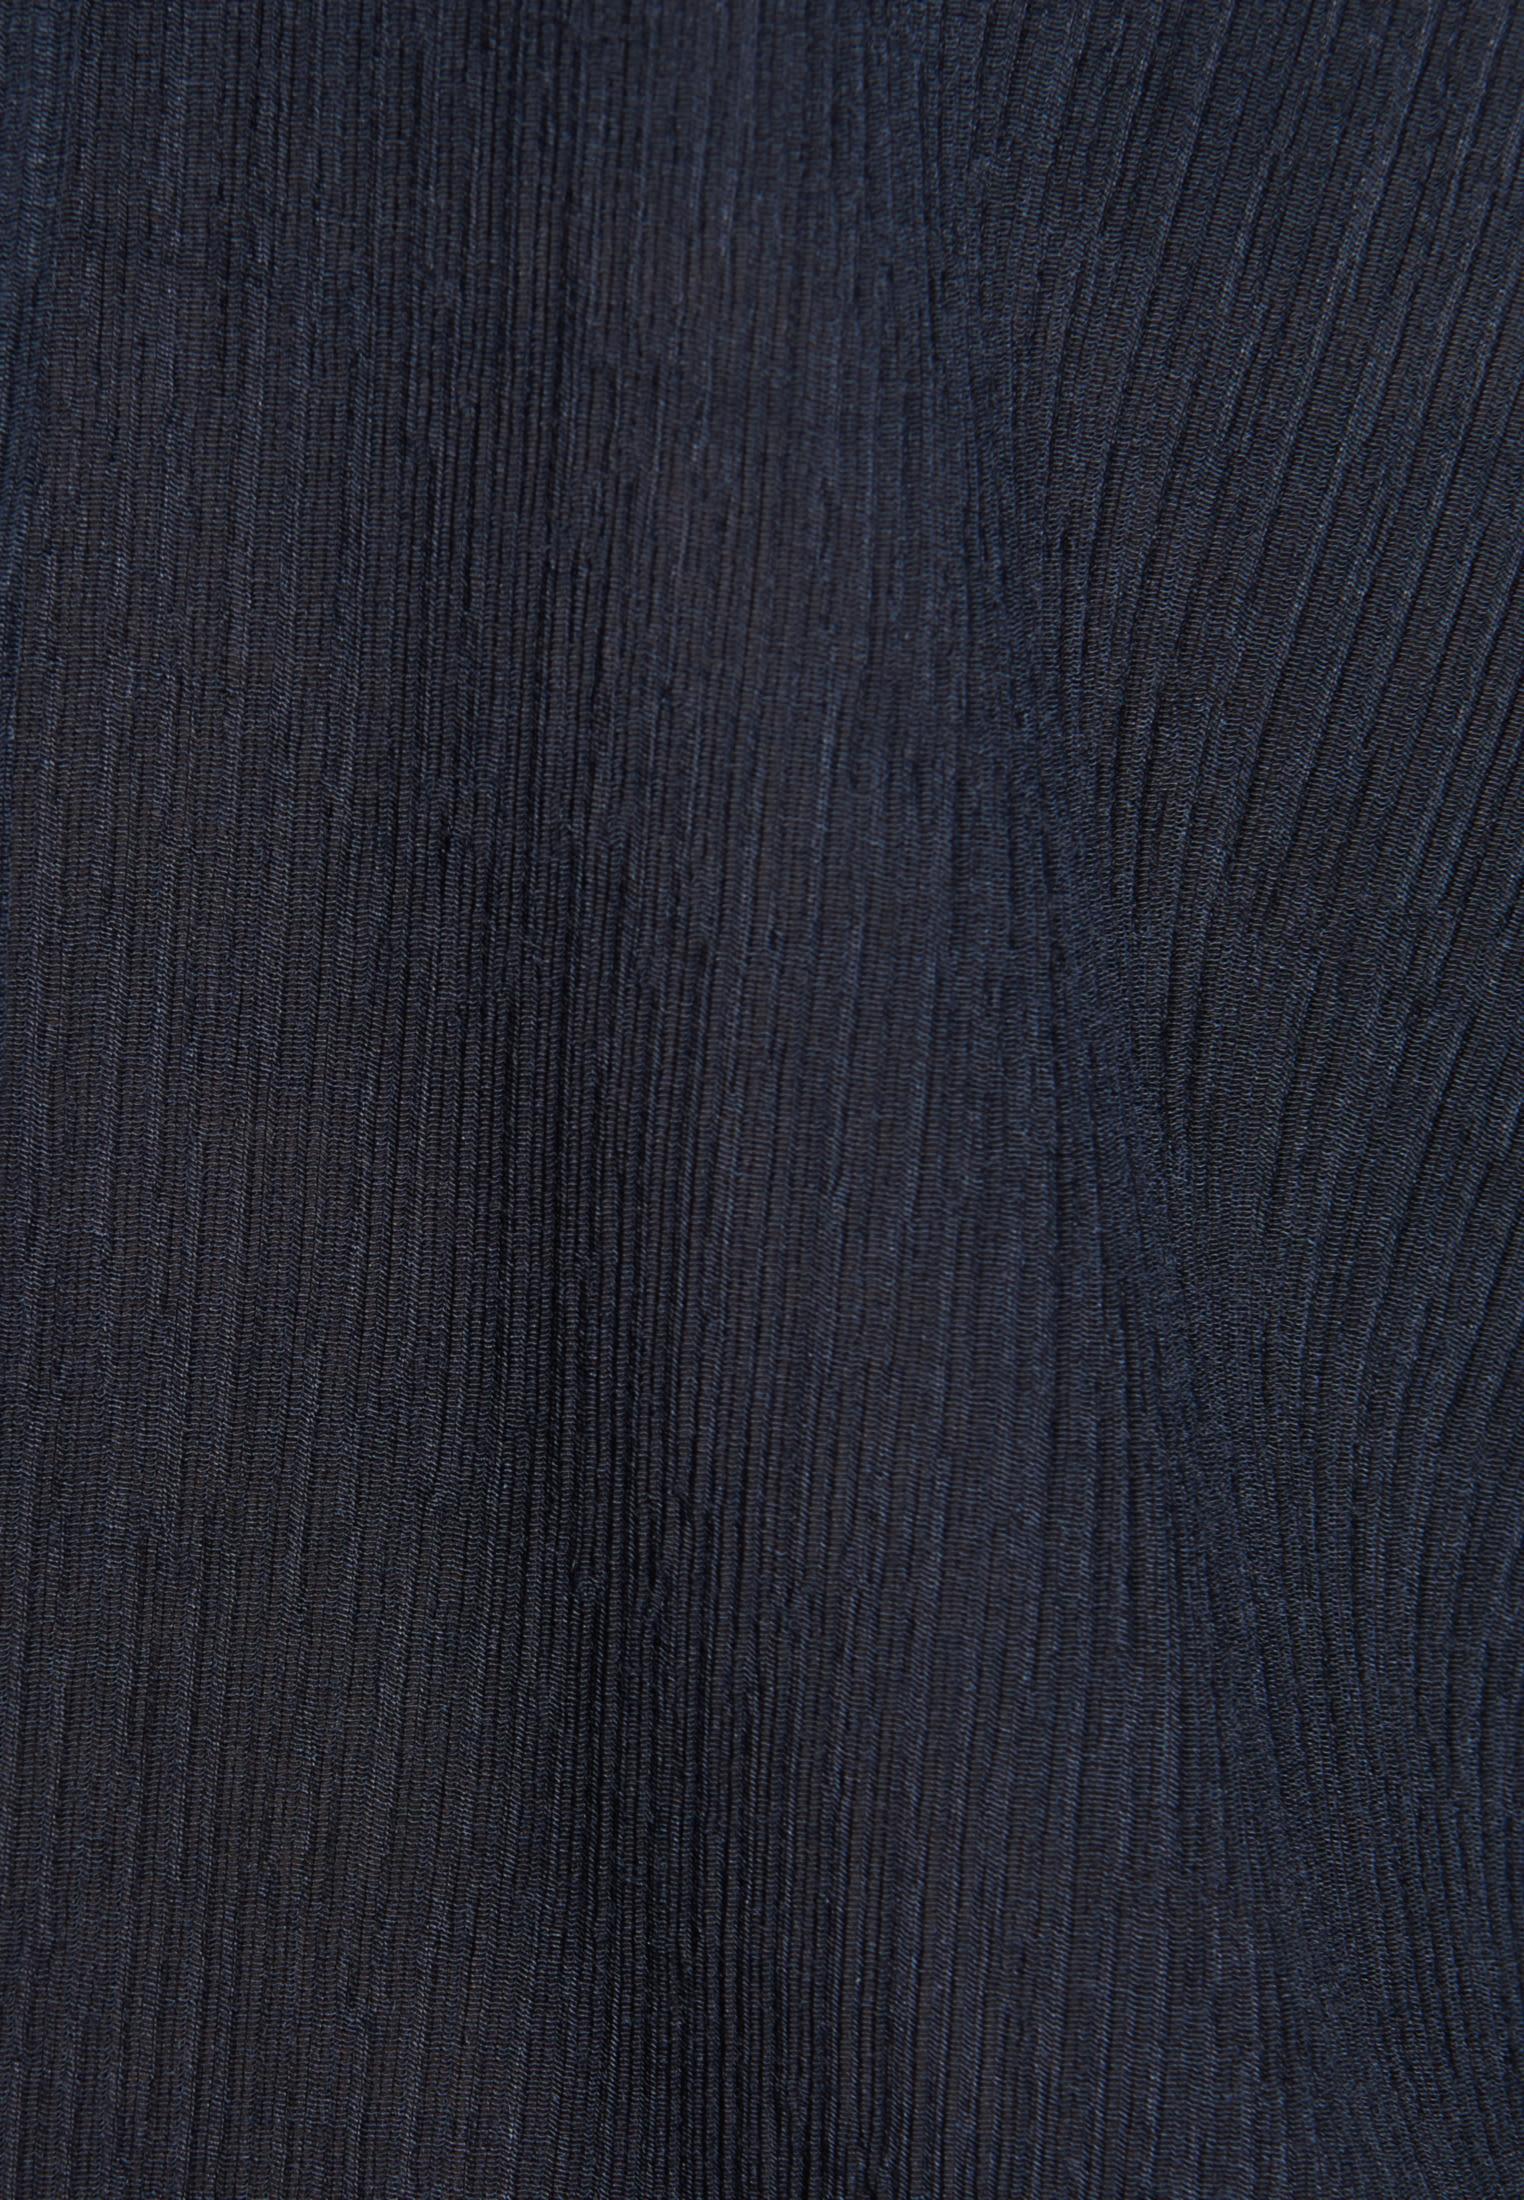 Kurzarm Voile Schluppenbluse aus Viskosemischung in Dunkelblau |  Seidensticker Onlineshop